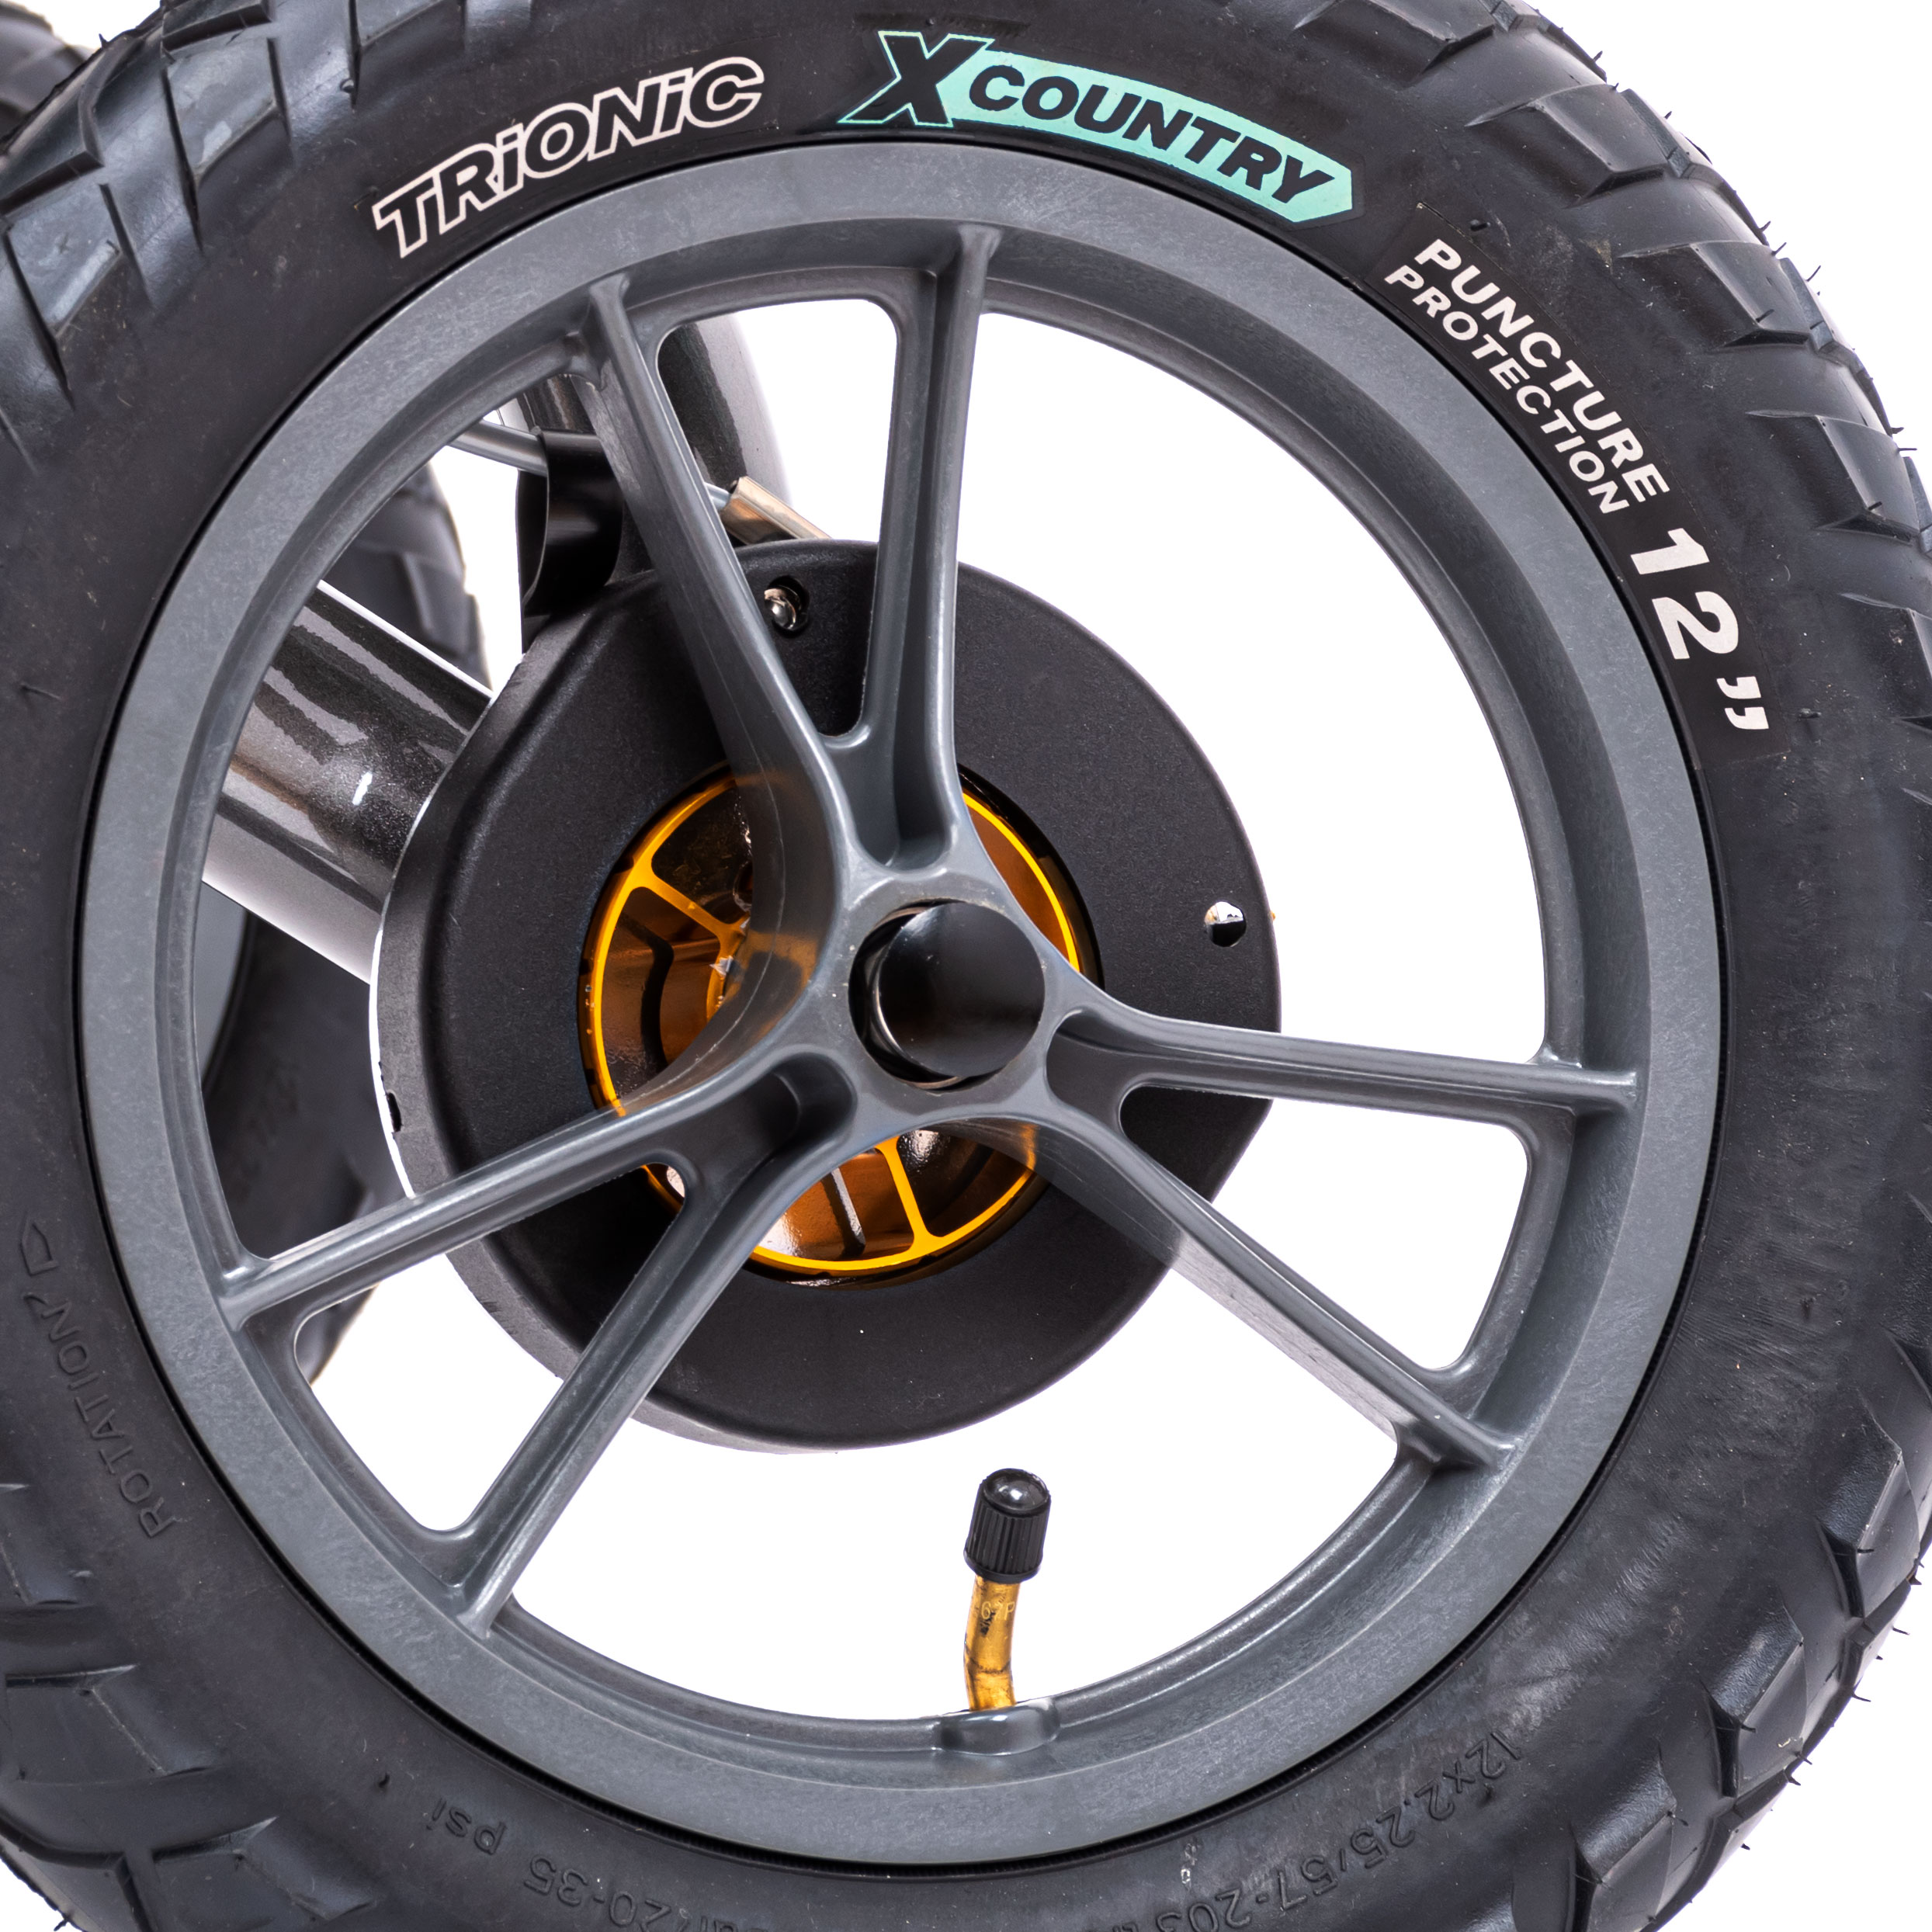 Les pneus à air comprimé